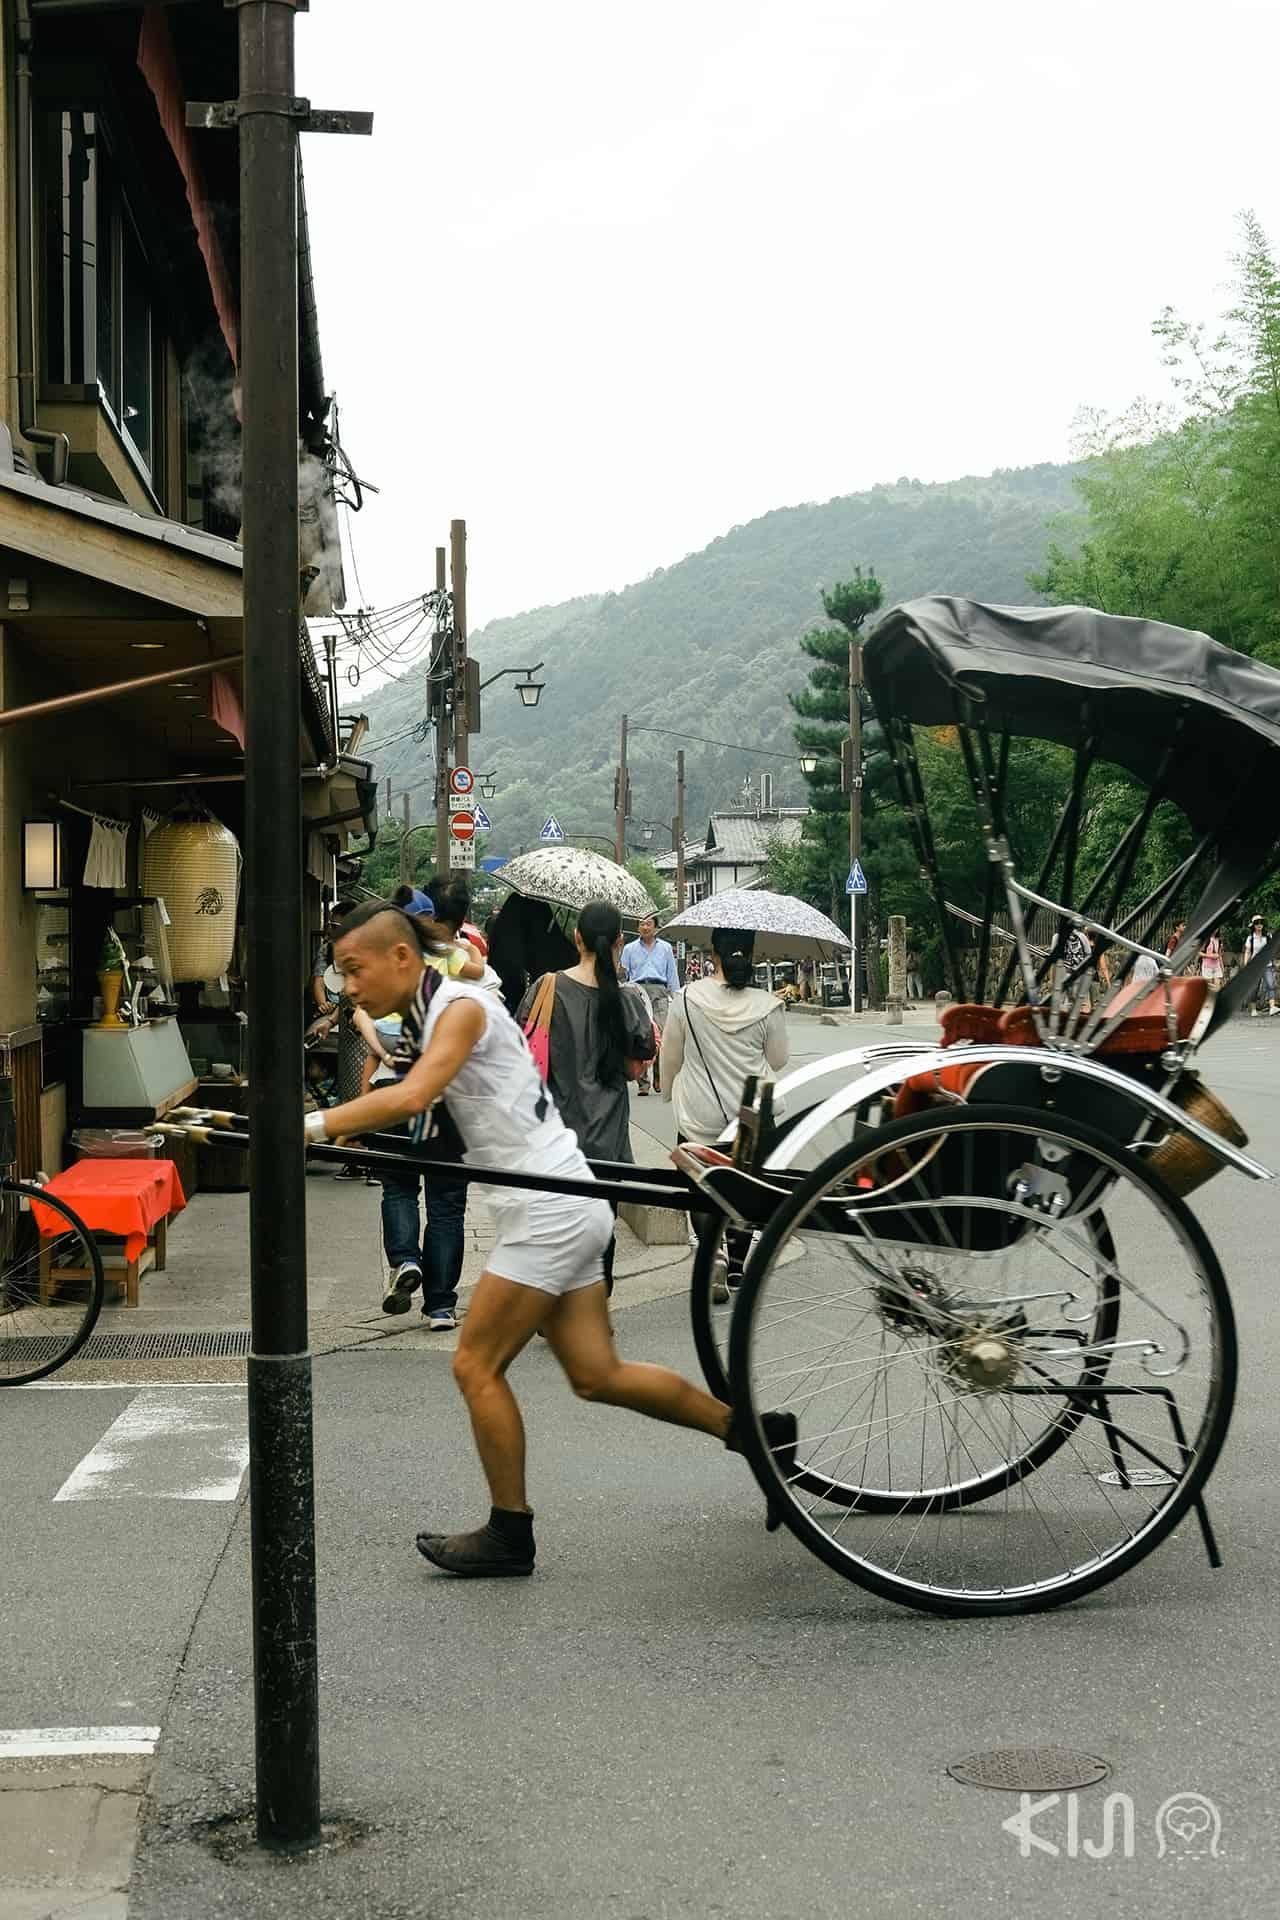 บริการรถลากในย่าน Arashiyama